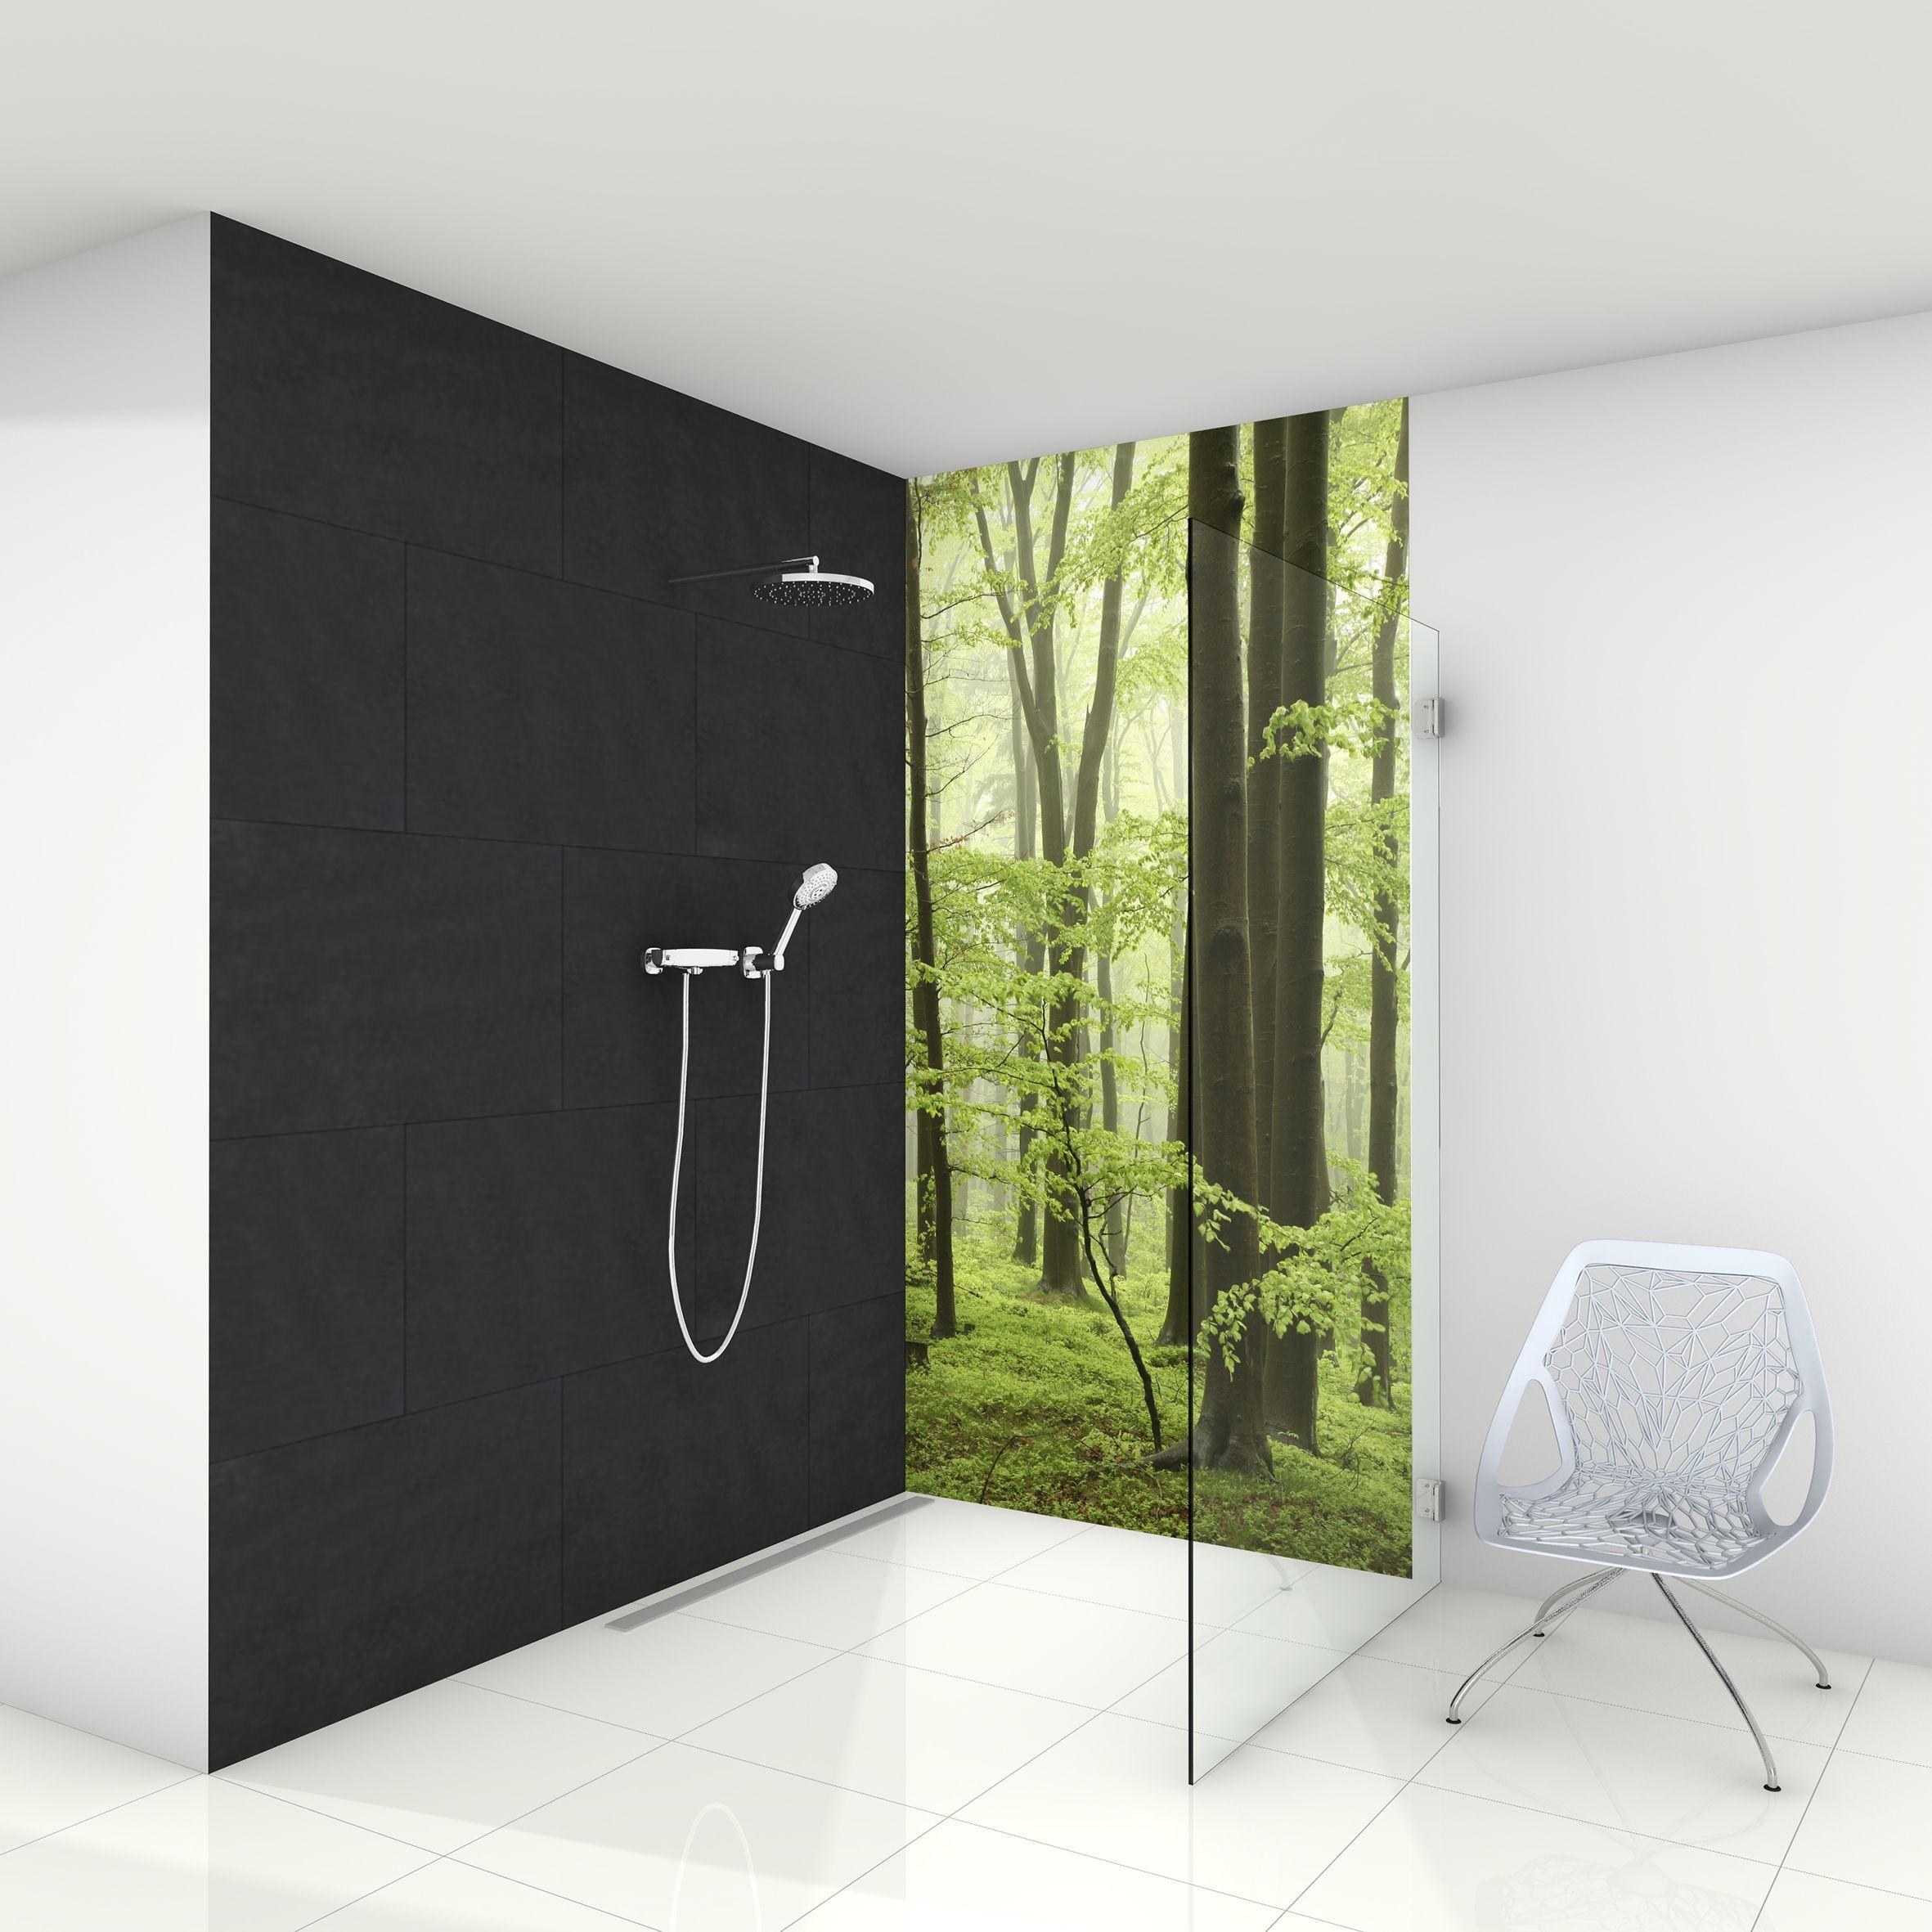 Glassdouche Helene Greenwood Rgb Jpg 2 362 2 362 Pixel Leuchtbilder Bader Ideen Badezimmer